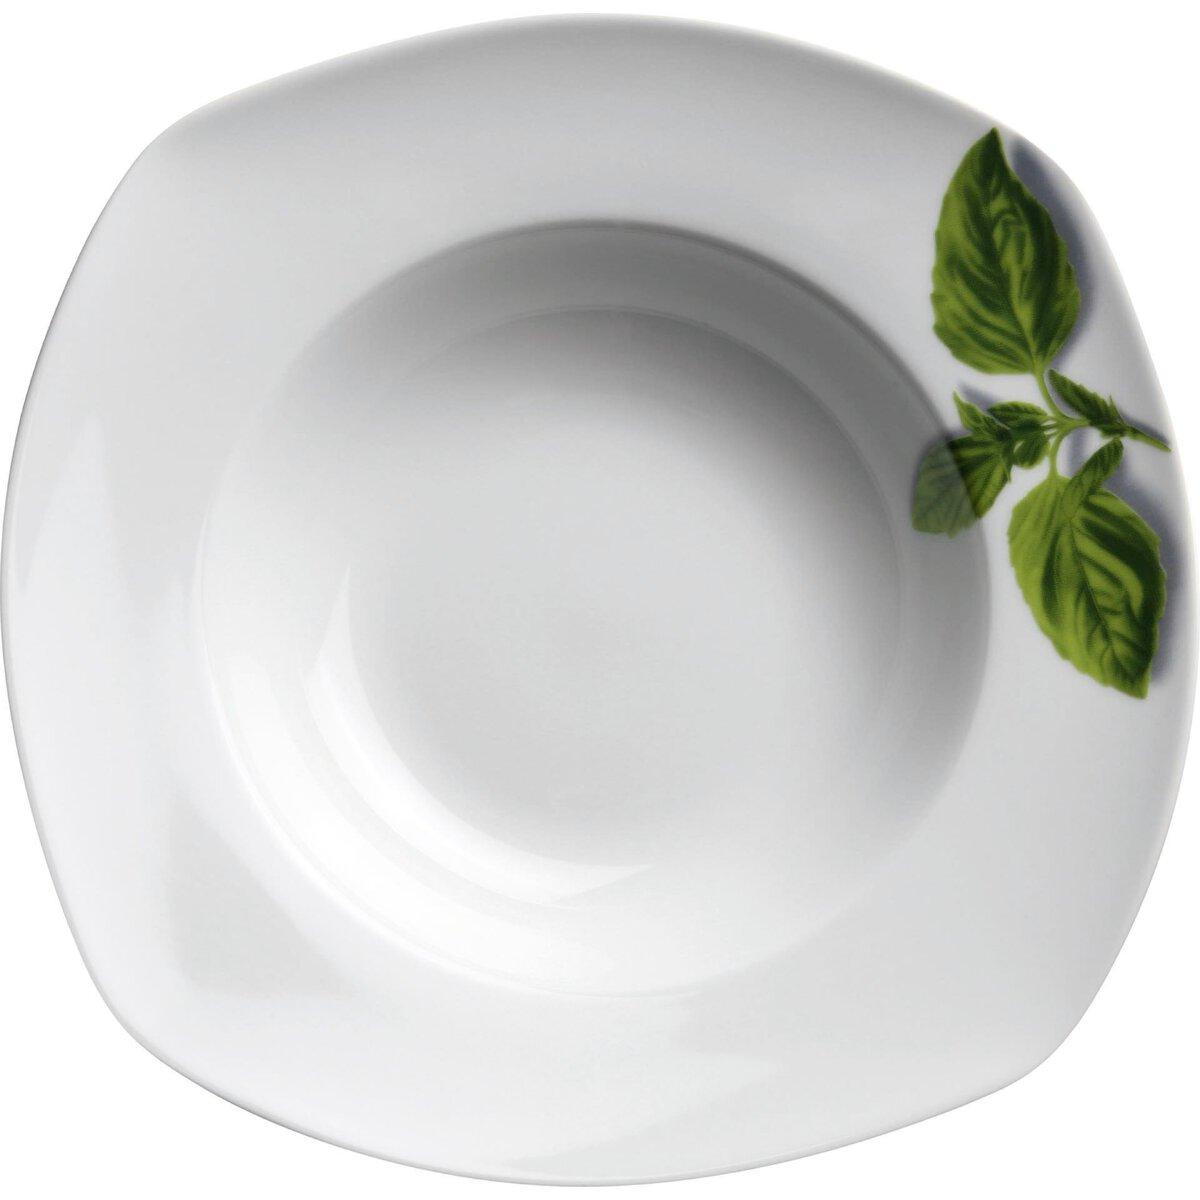 """Pastateller """"Basilikum"""" Ø 30,0 cm, rund (2)"""